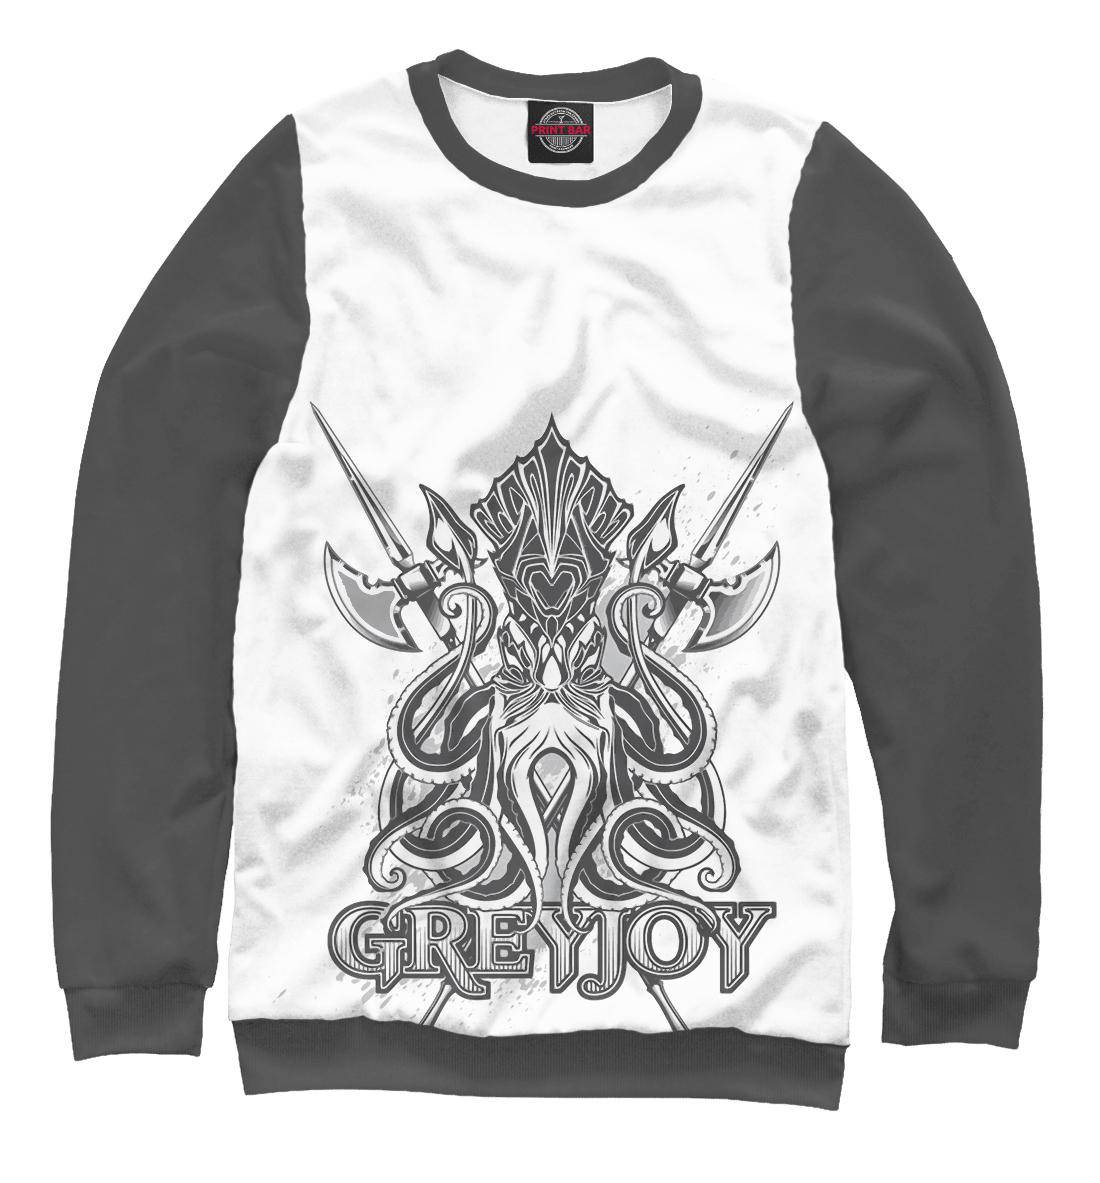 Купить Game of Thrones greyjoe, Printbar, Свитшоты, IGR-535713-swi-2